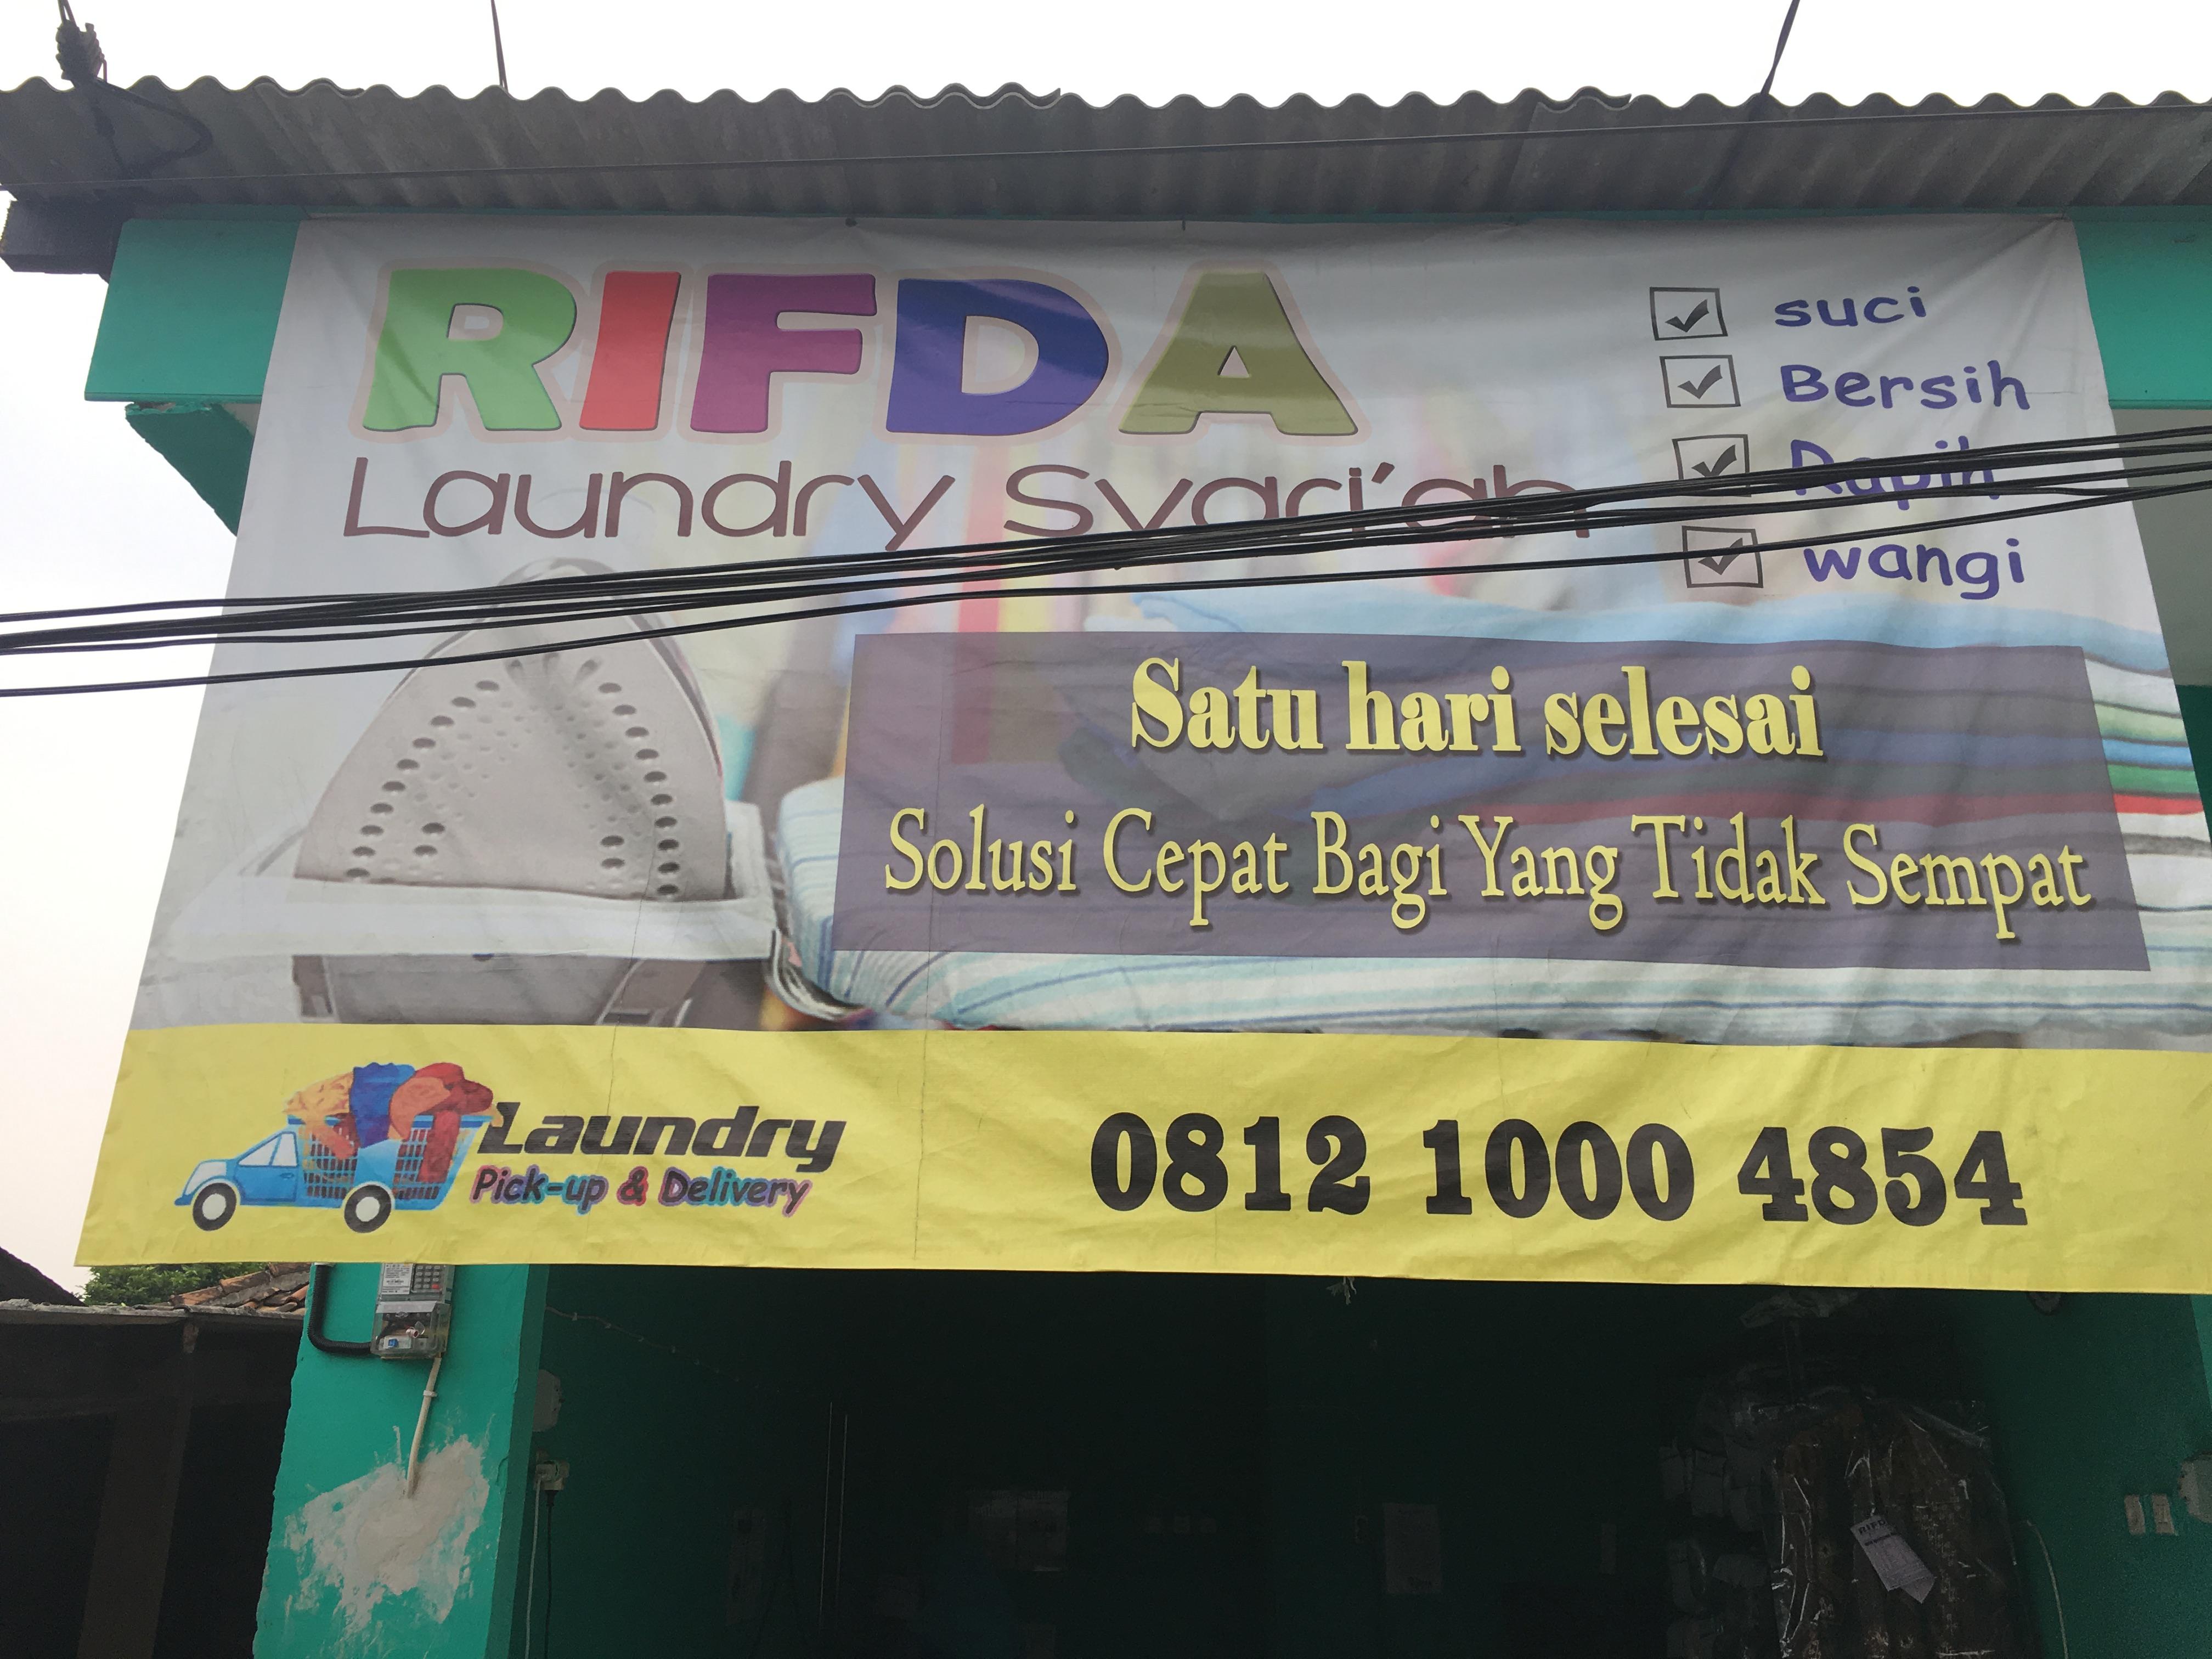 Laundry Syariah di Tangerang Banten hubungi 081210004854